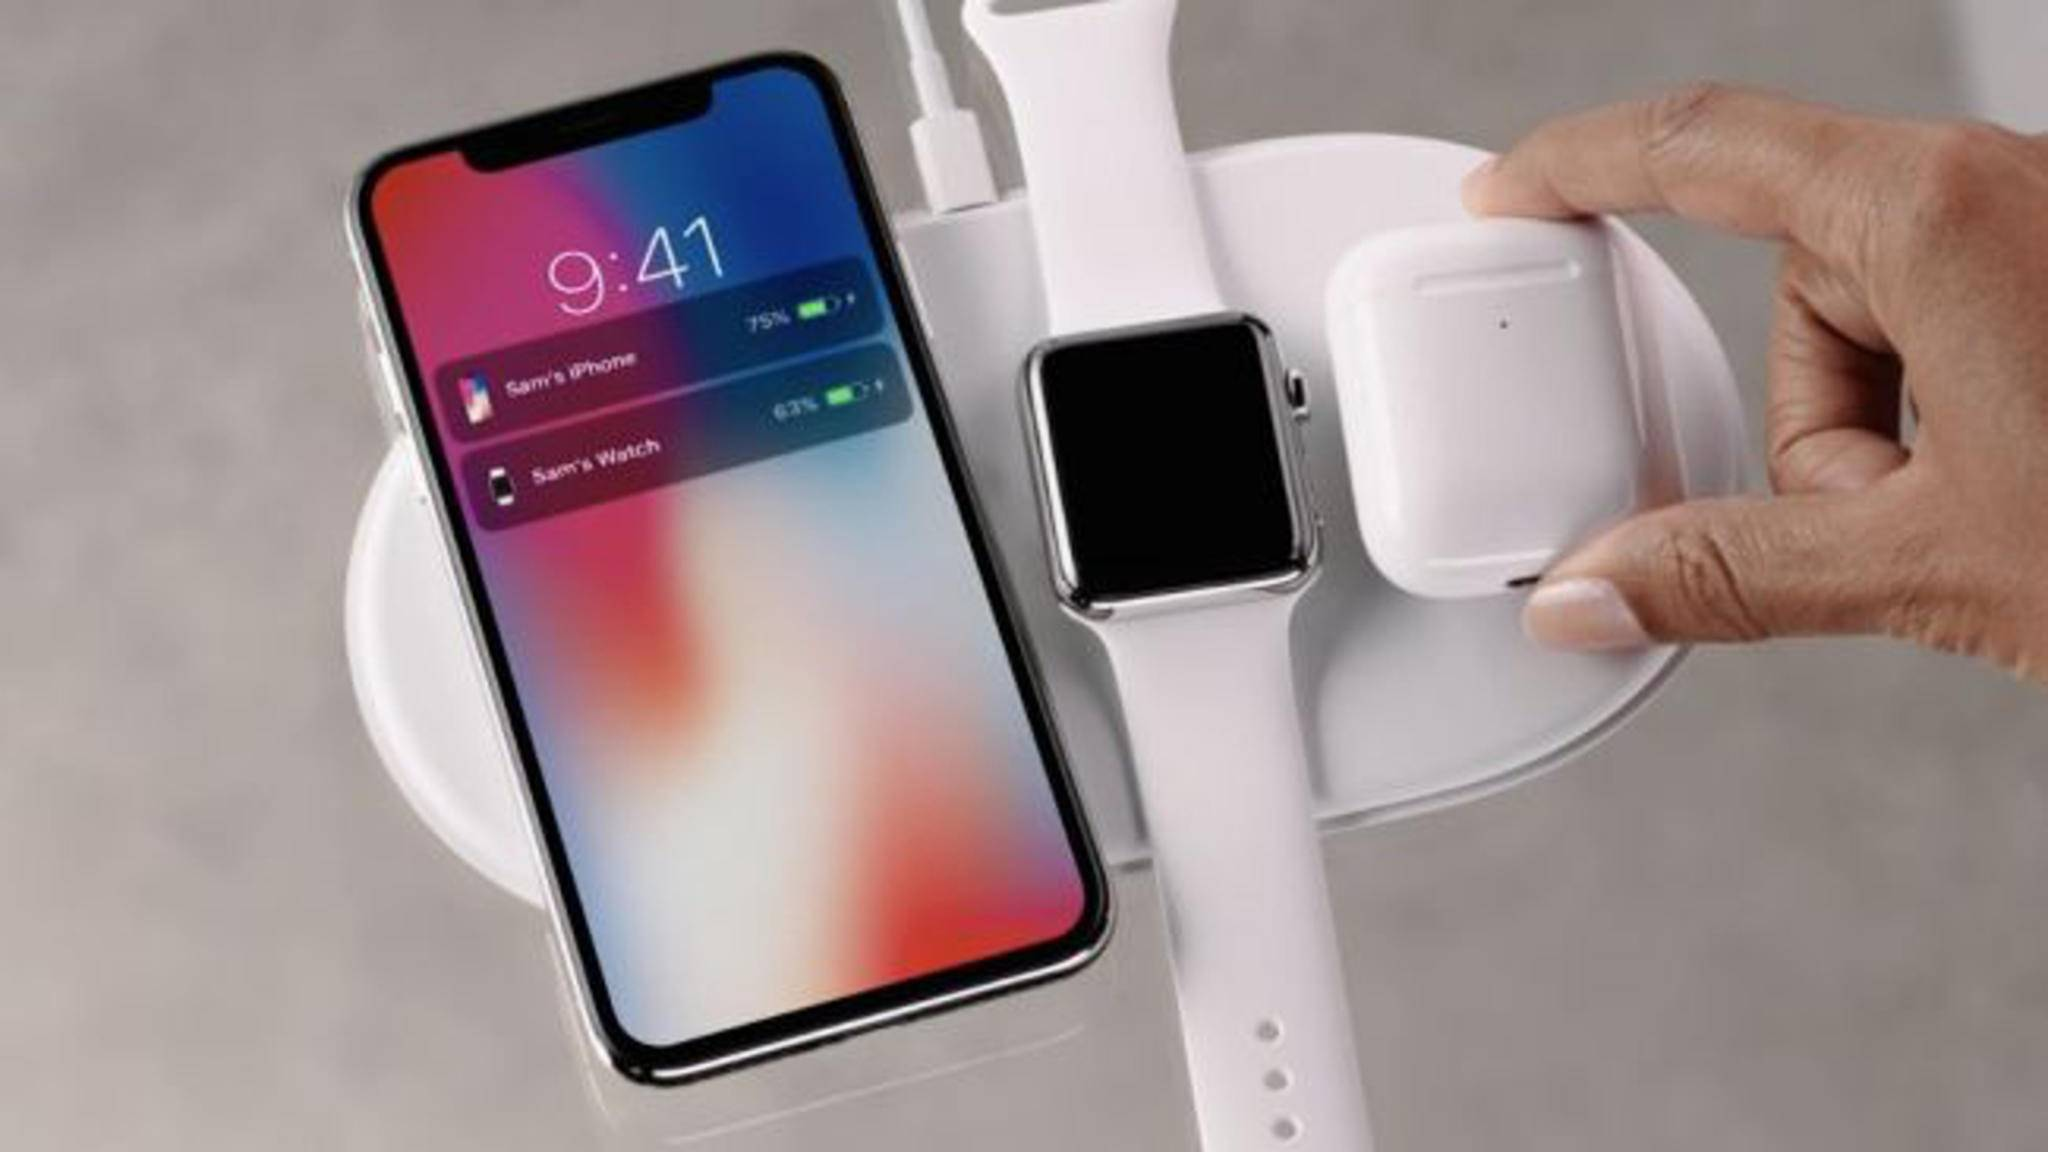 Mit dem AirPower-Ladepad können neuere iPhones, die AirPods und die Apple Watch geladen werden.